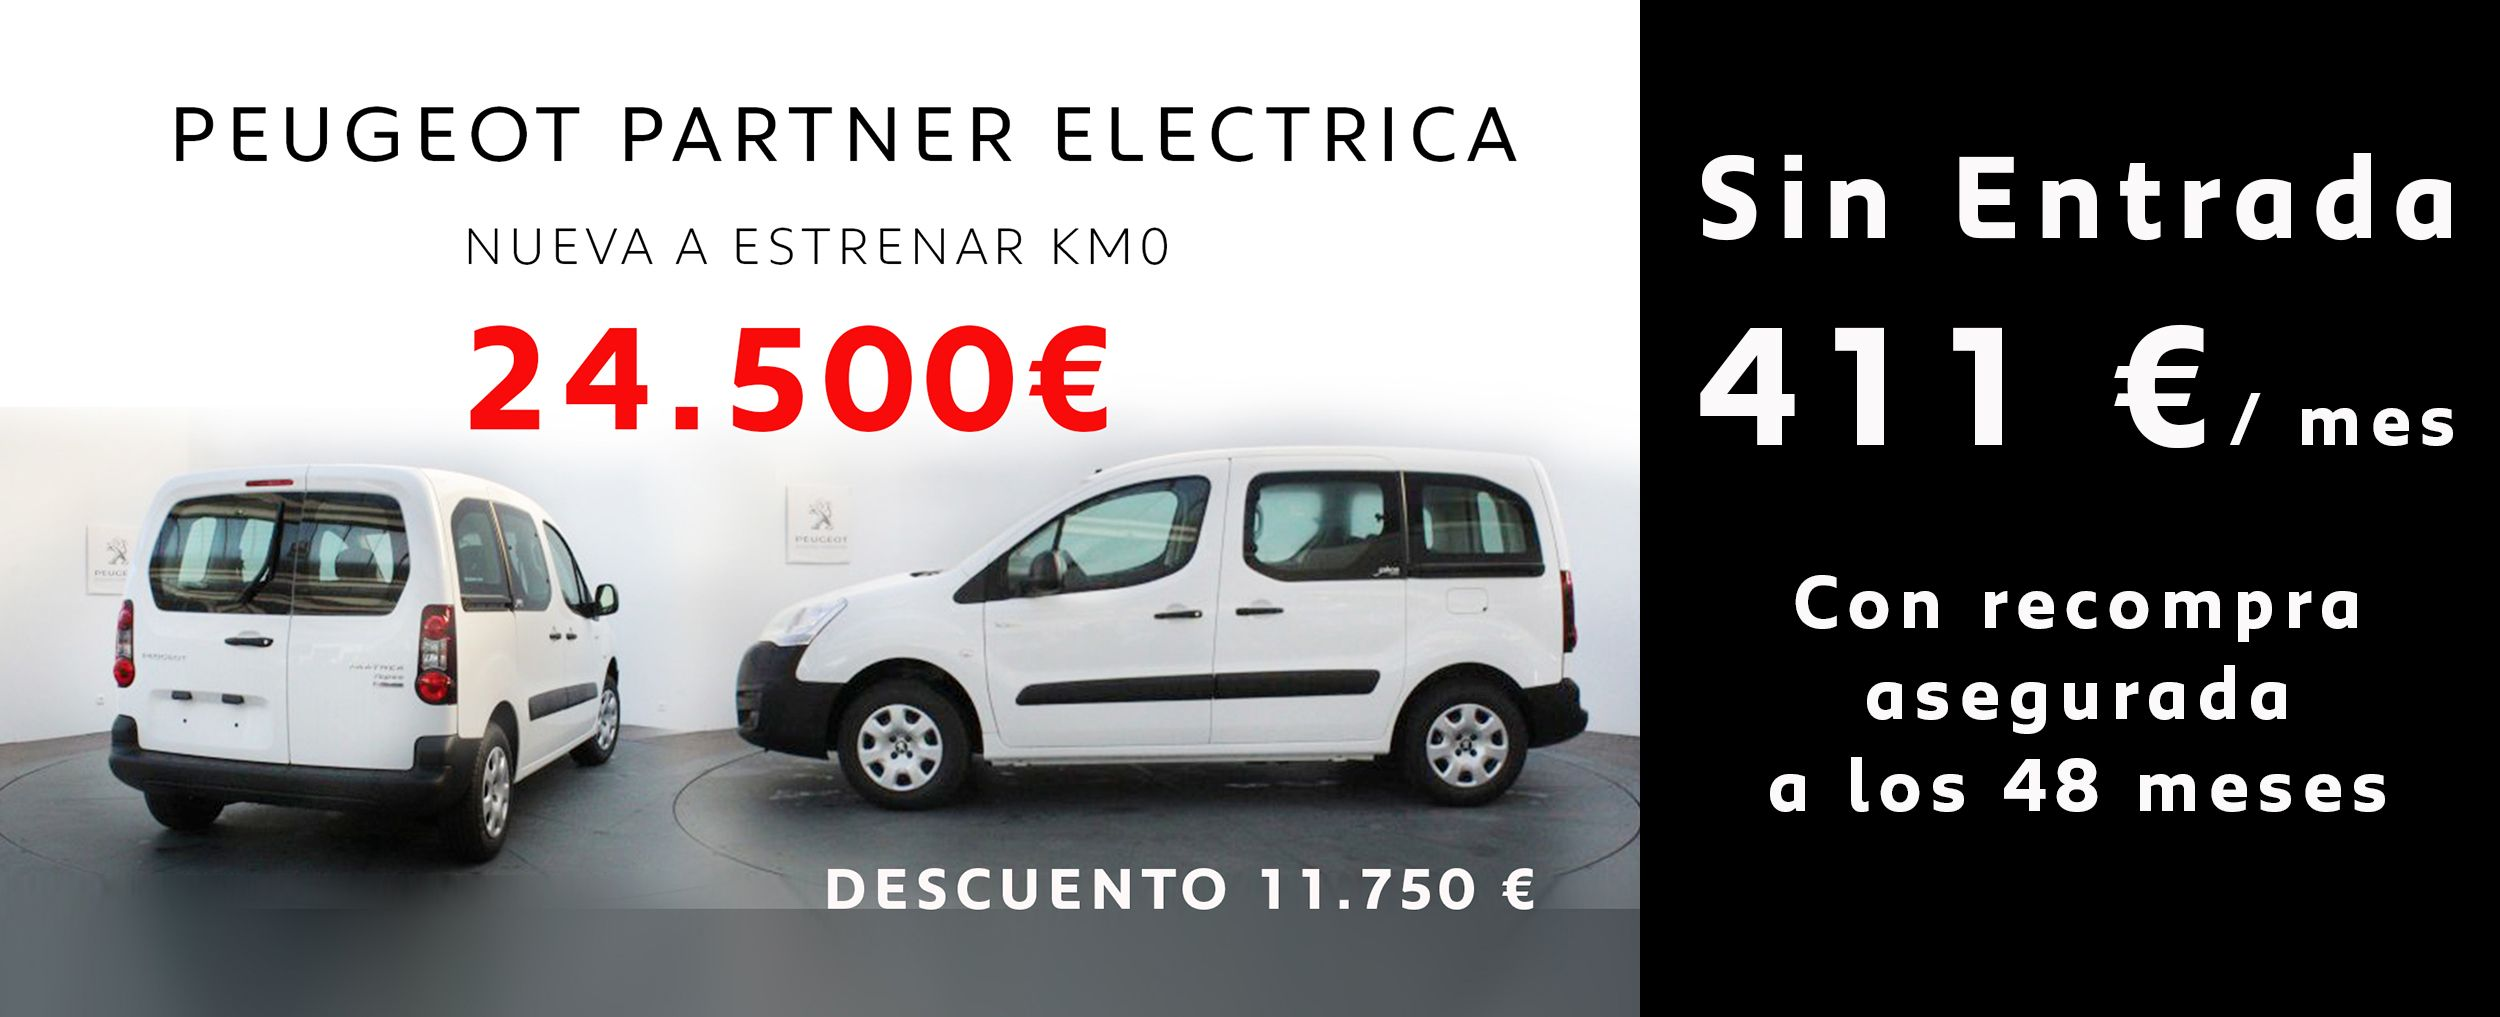 Peugeot Partner eléctrica , sin entrada por 411€ /mes